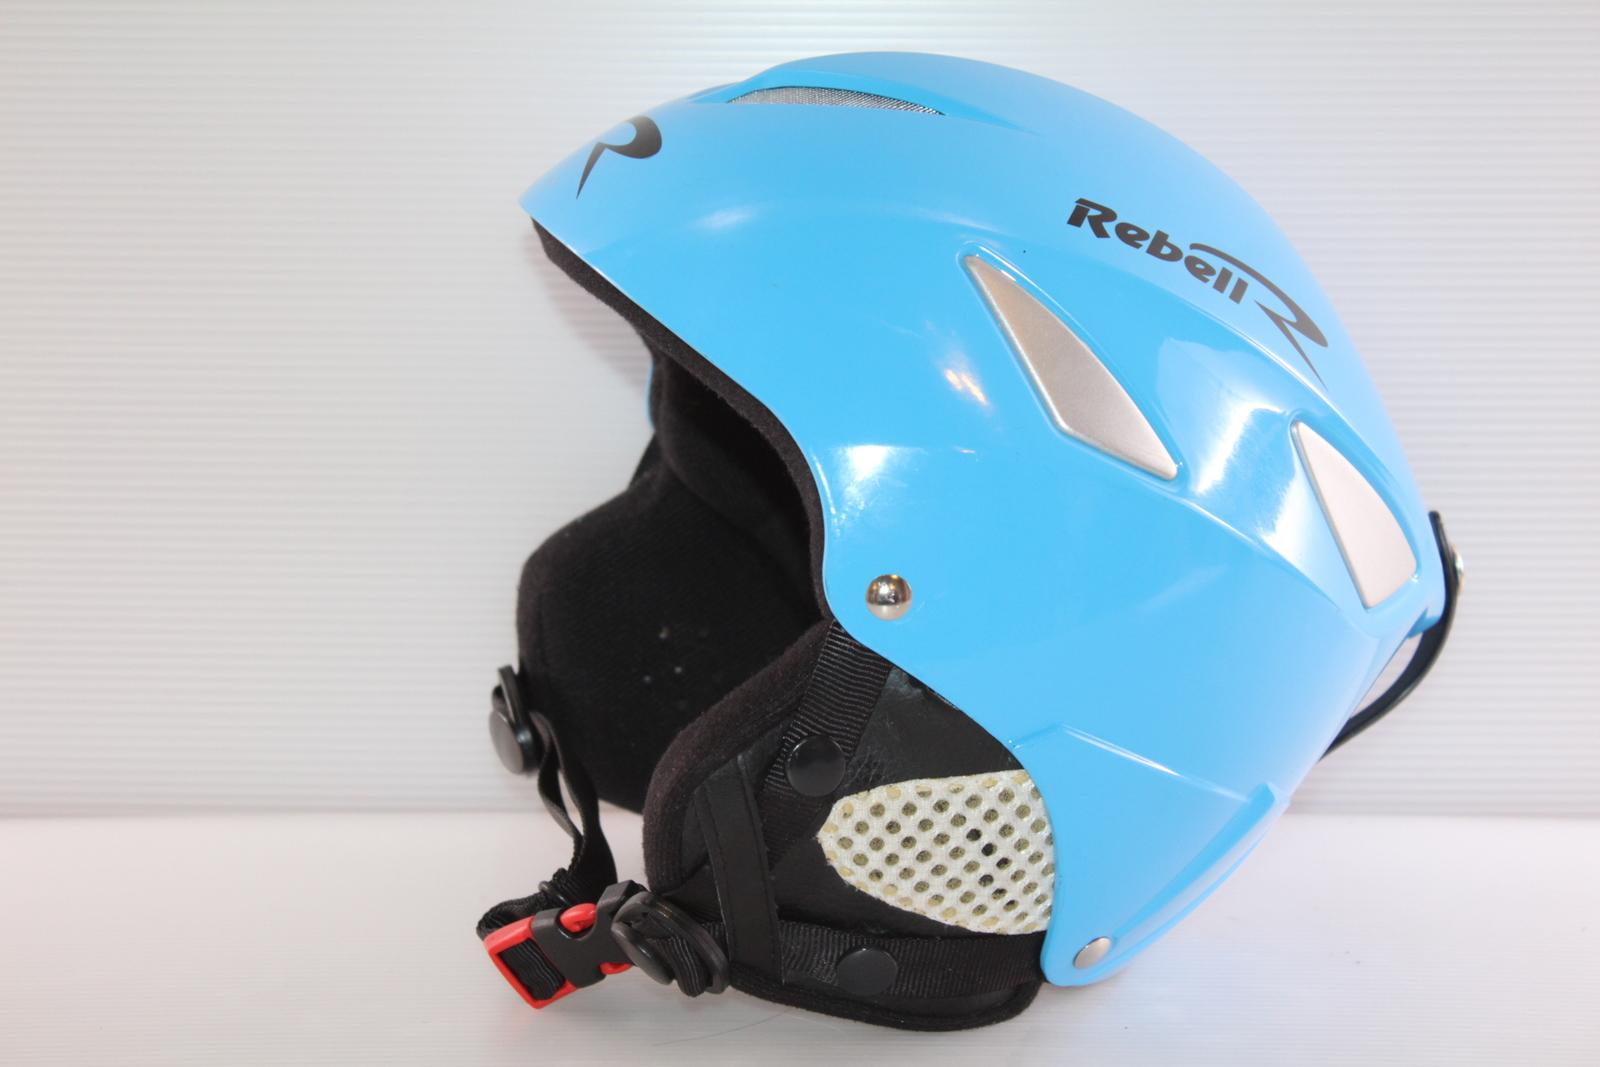 Dětská lyžařská helma Rebel Taglia vel. 56